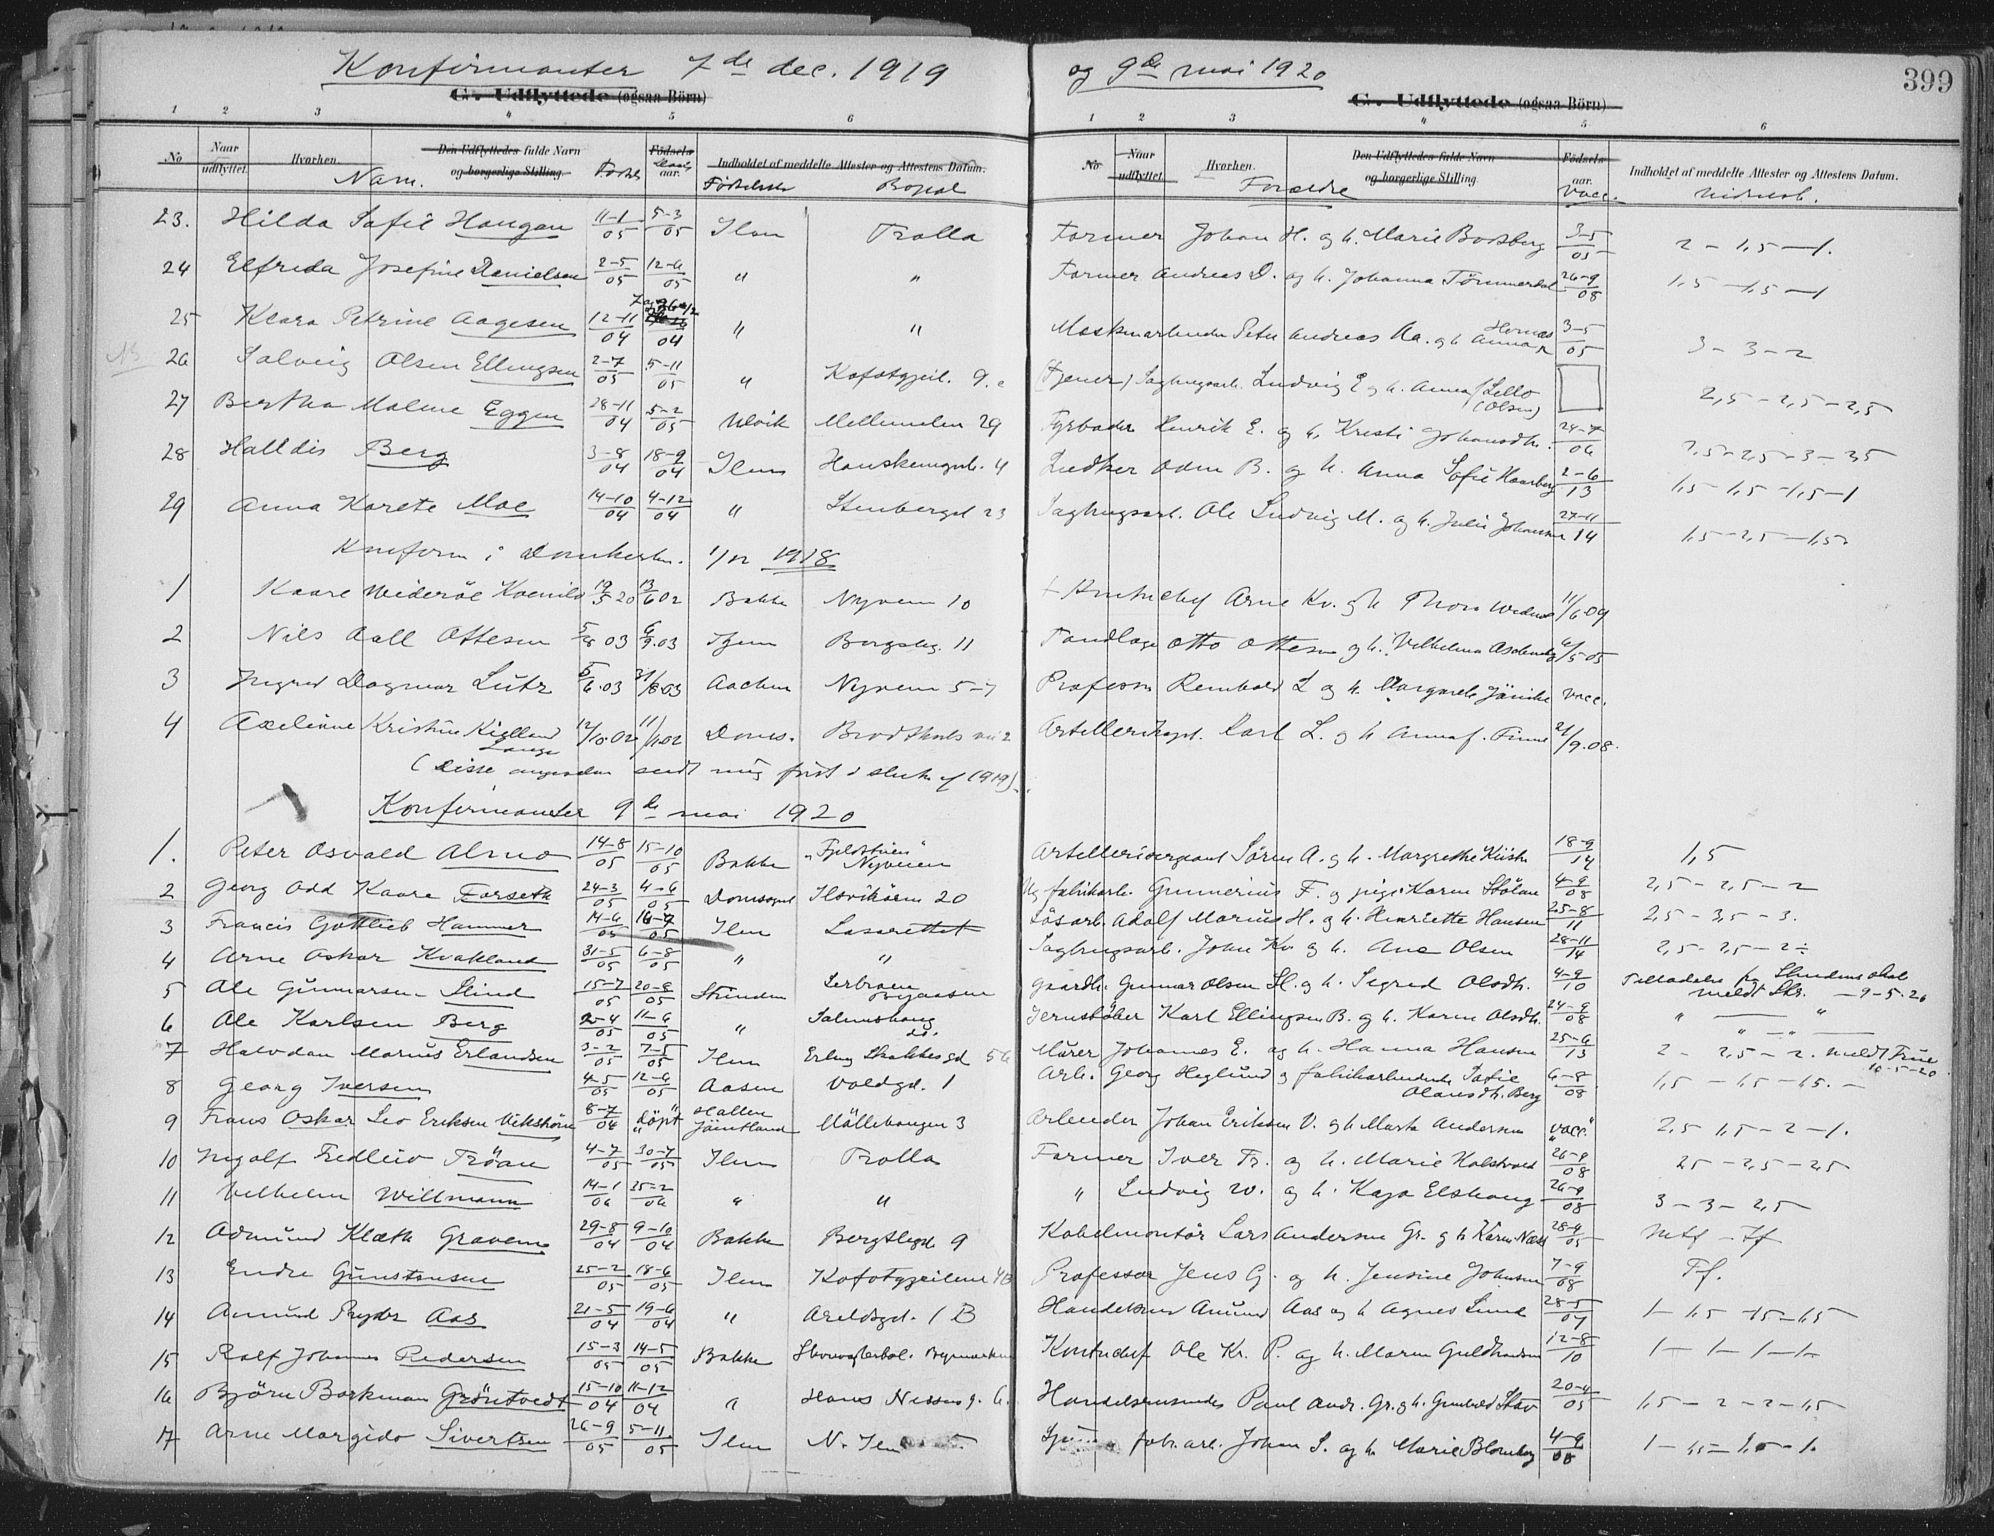 SAT, Ministerialprotokoller, klokkerbøker og fødselsregistre - Sør-Trøndelag, 603/L0167: Ministerialbok nr. 603A06, 1896-1932, s. 399